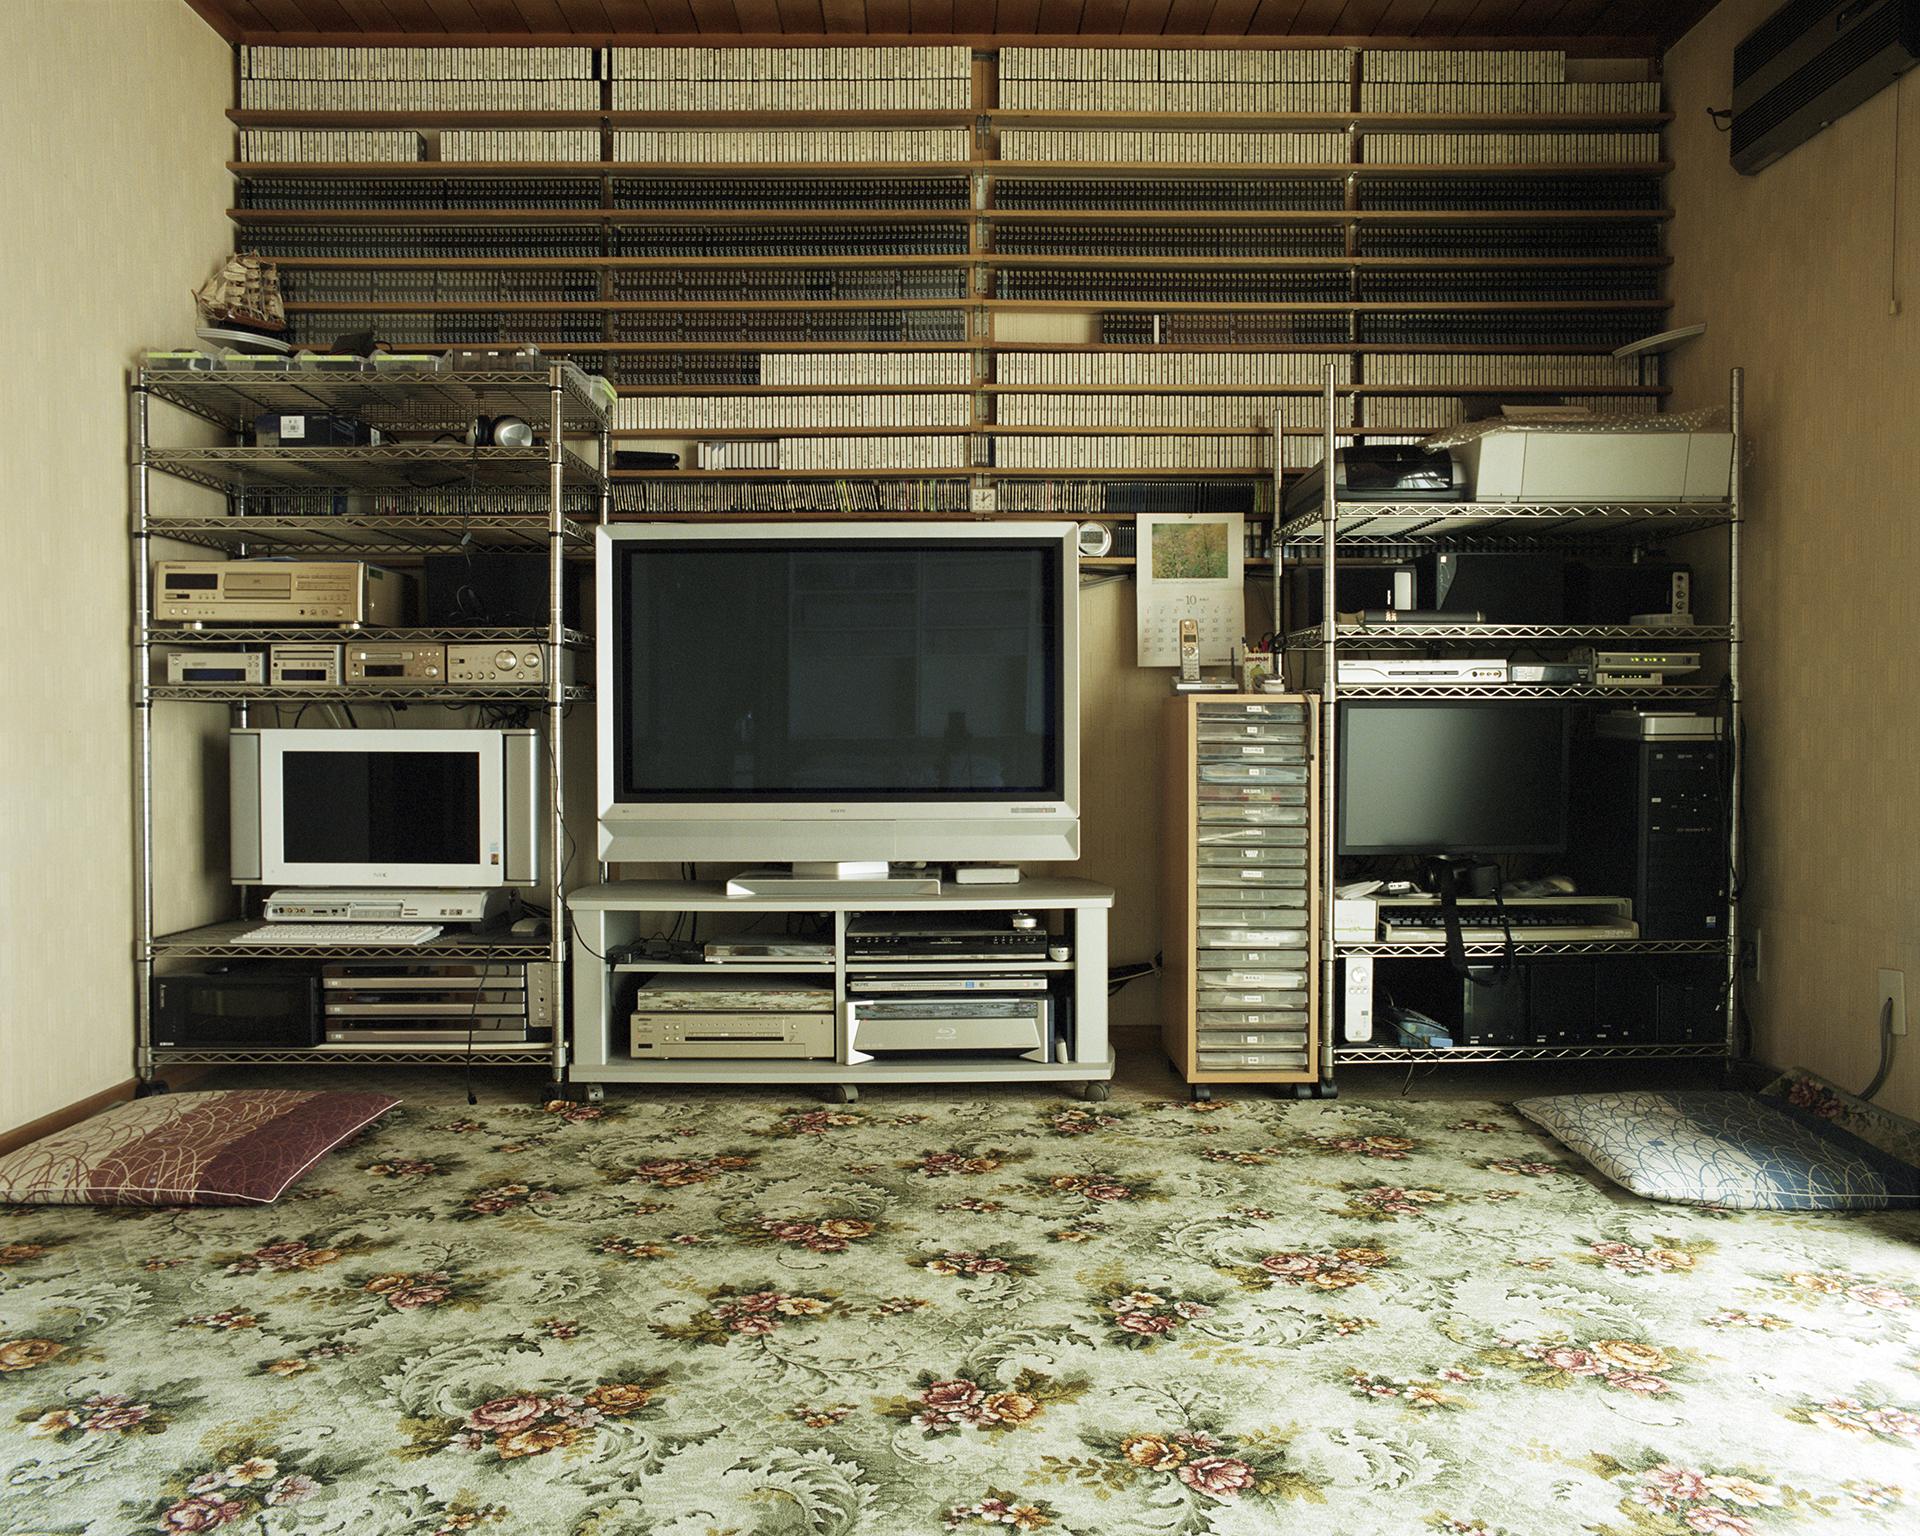 Aomori - video room